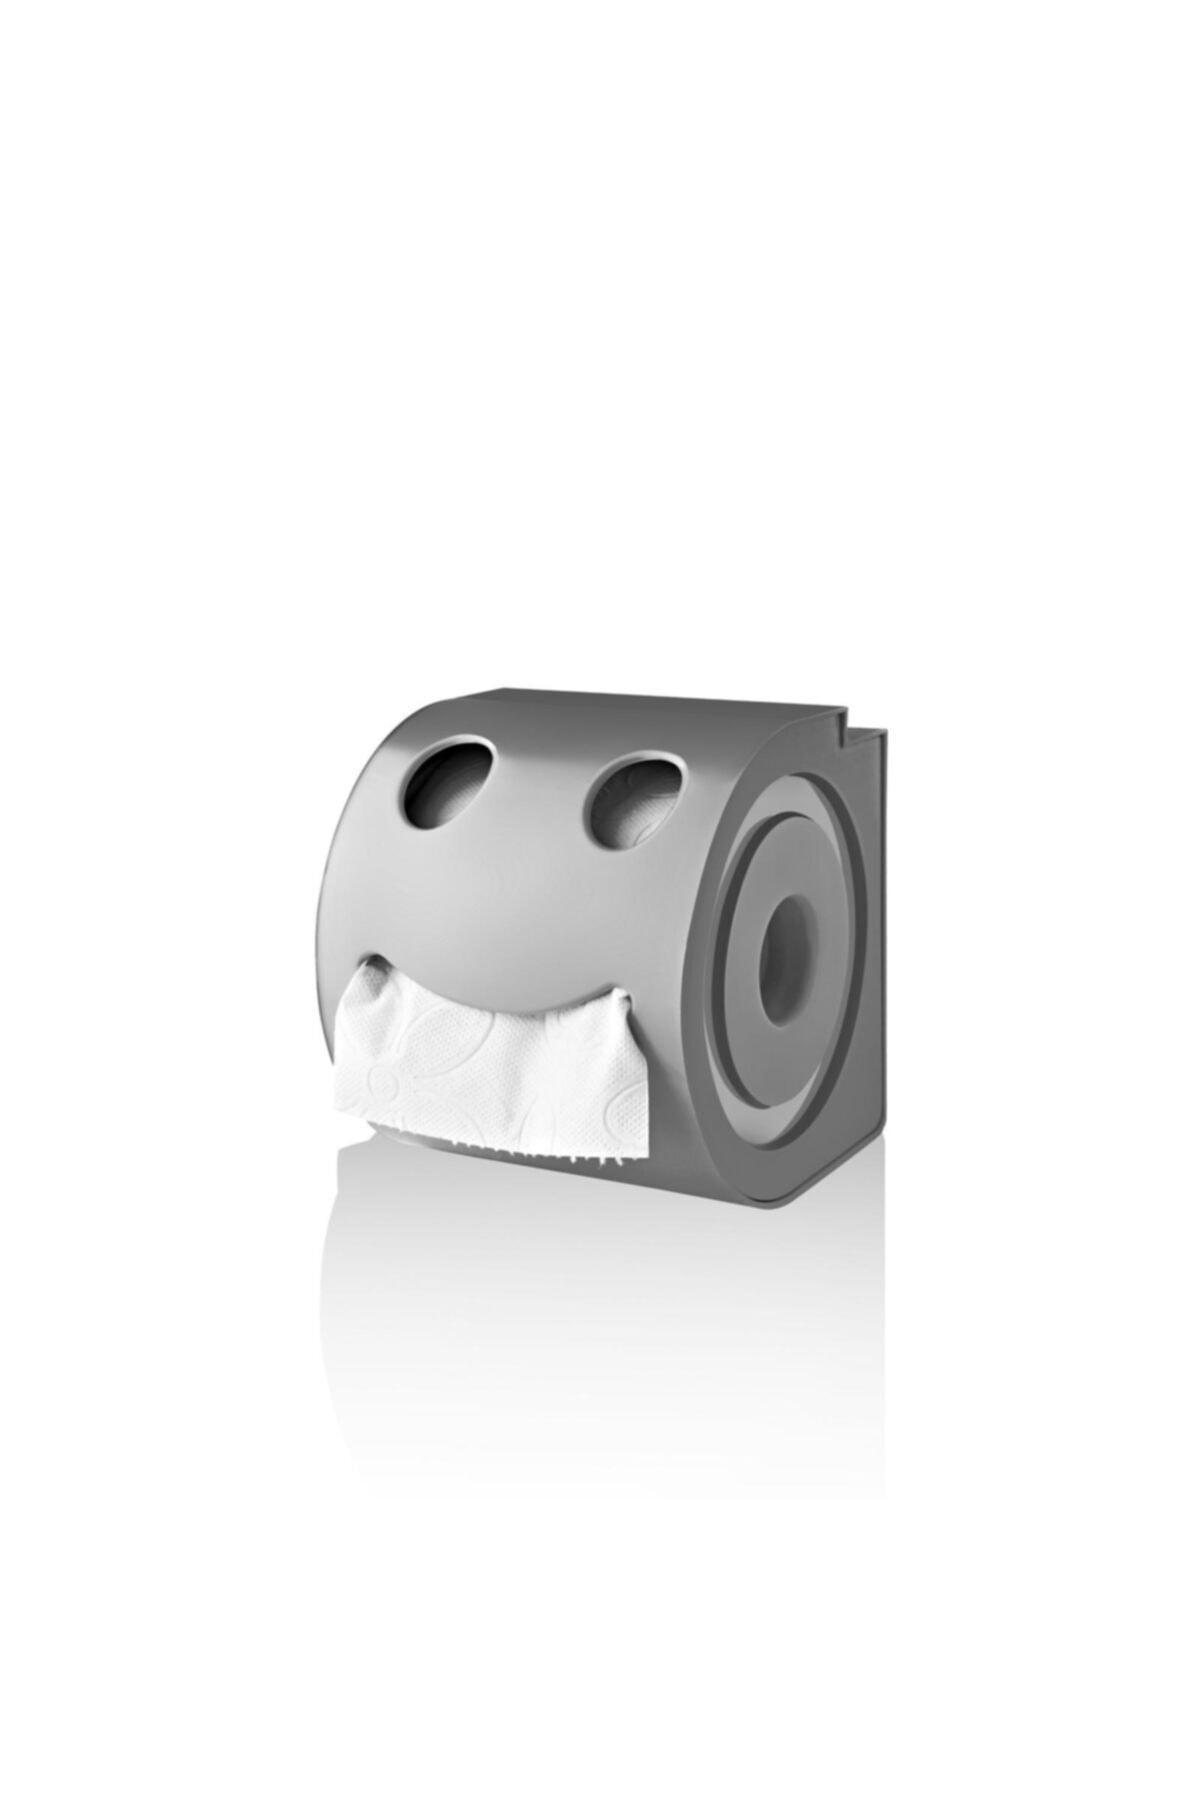 Wc Kağıtlık Plastik Tuvalet Kağıtlığı (gri)